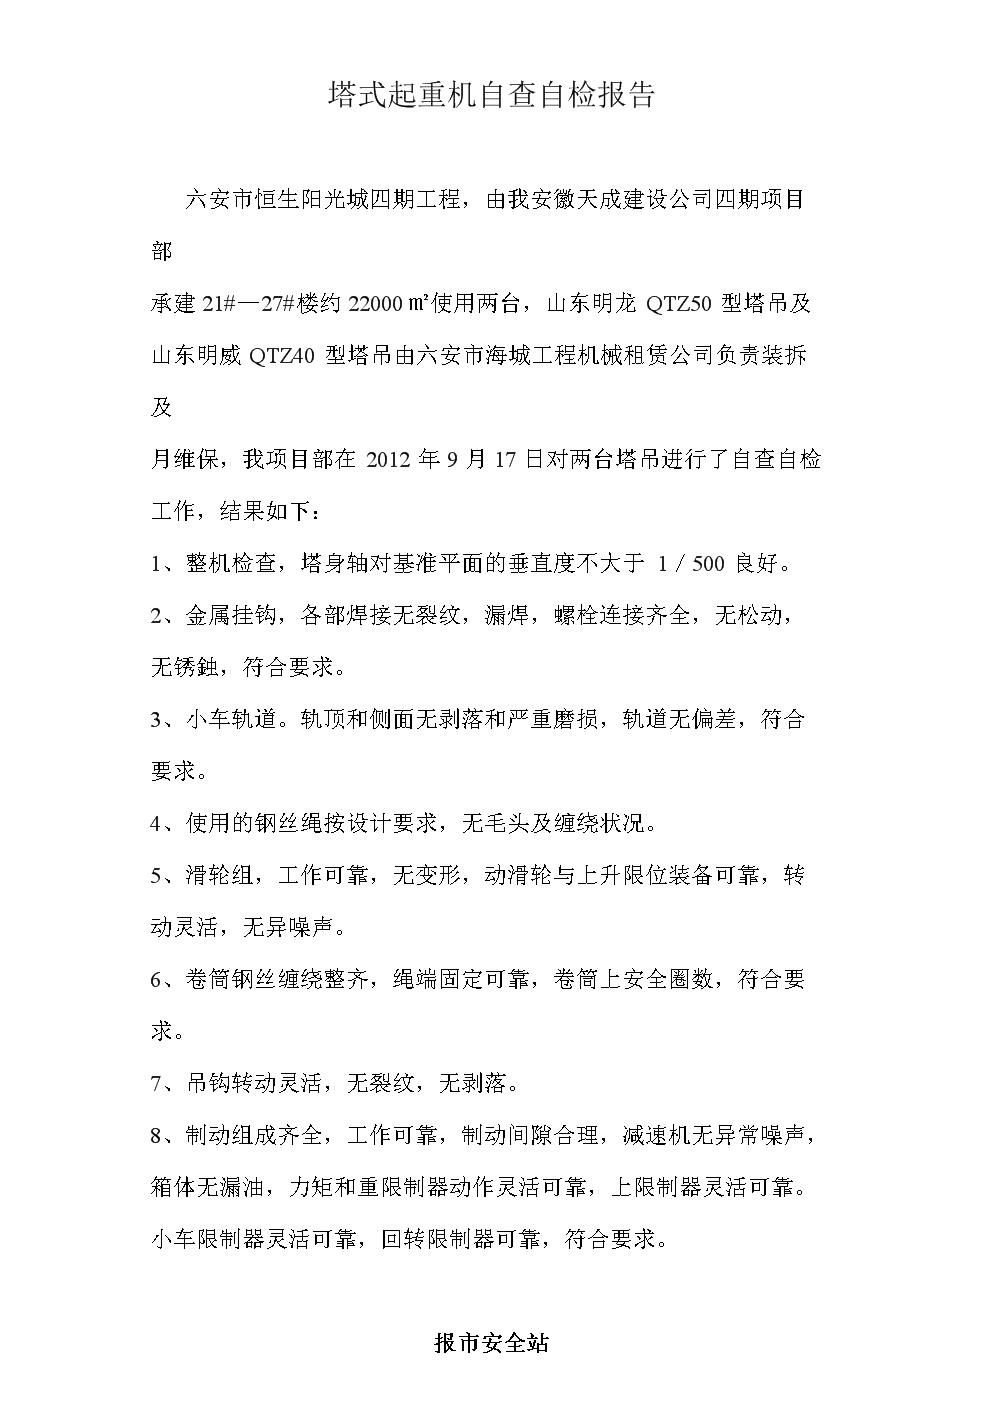 塔式起重机自查自检报告 2.doc